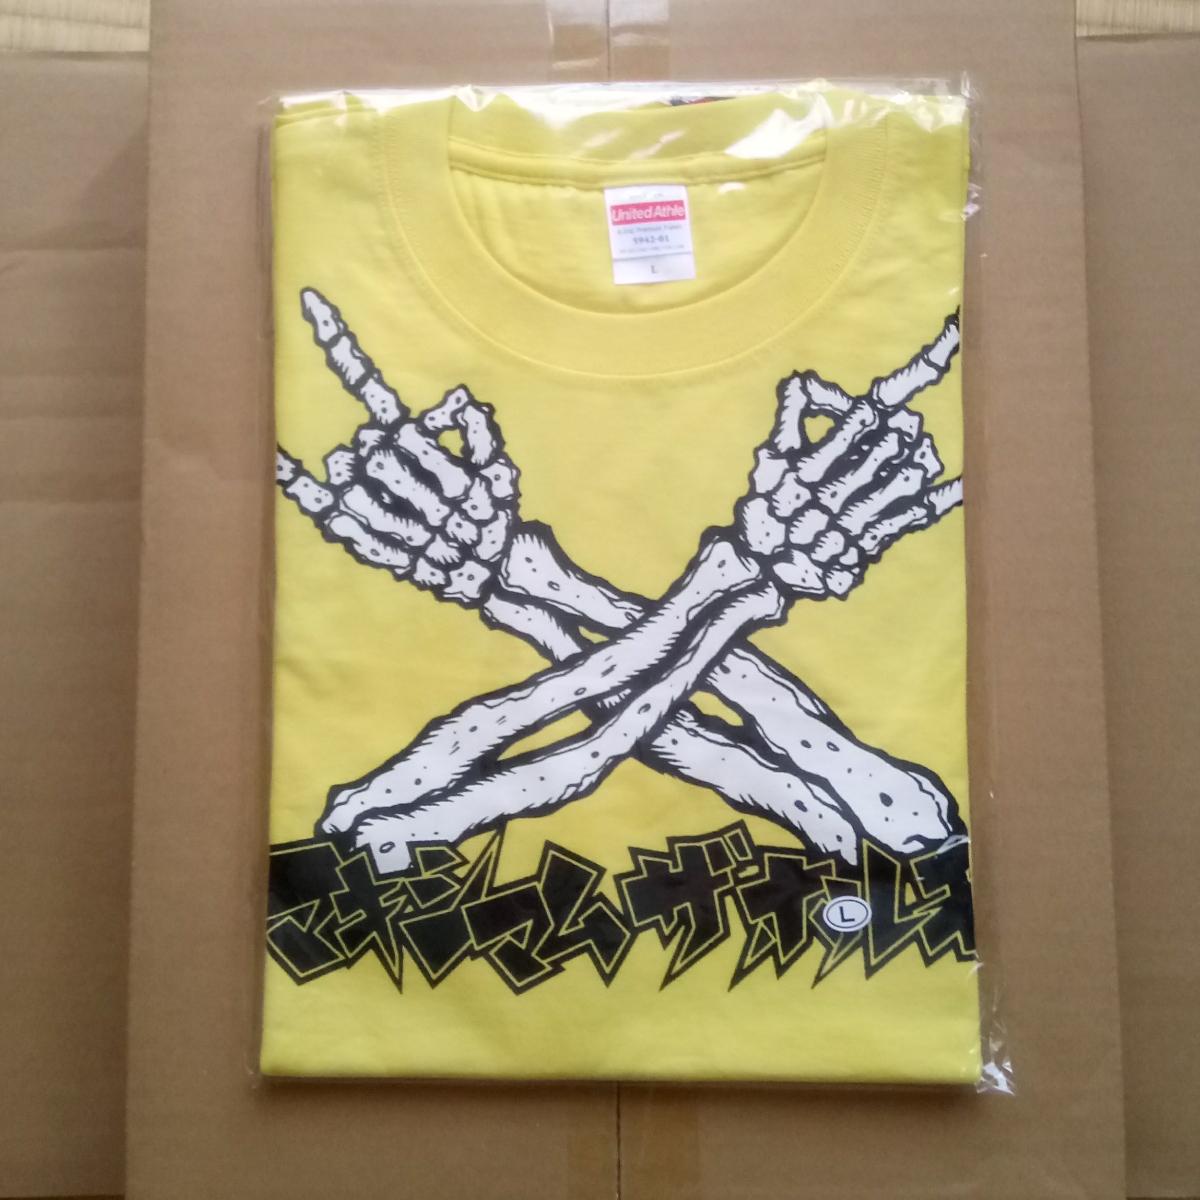 【新品】マキシマムザホルモン メタルポーズTシャツ サイズL ももクロ 黄色 しおりん 玉井詩織 氣志團万博 フェスへどうぞ ライブグッズの画像